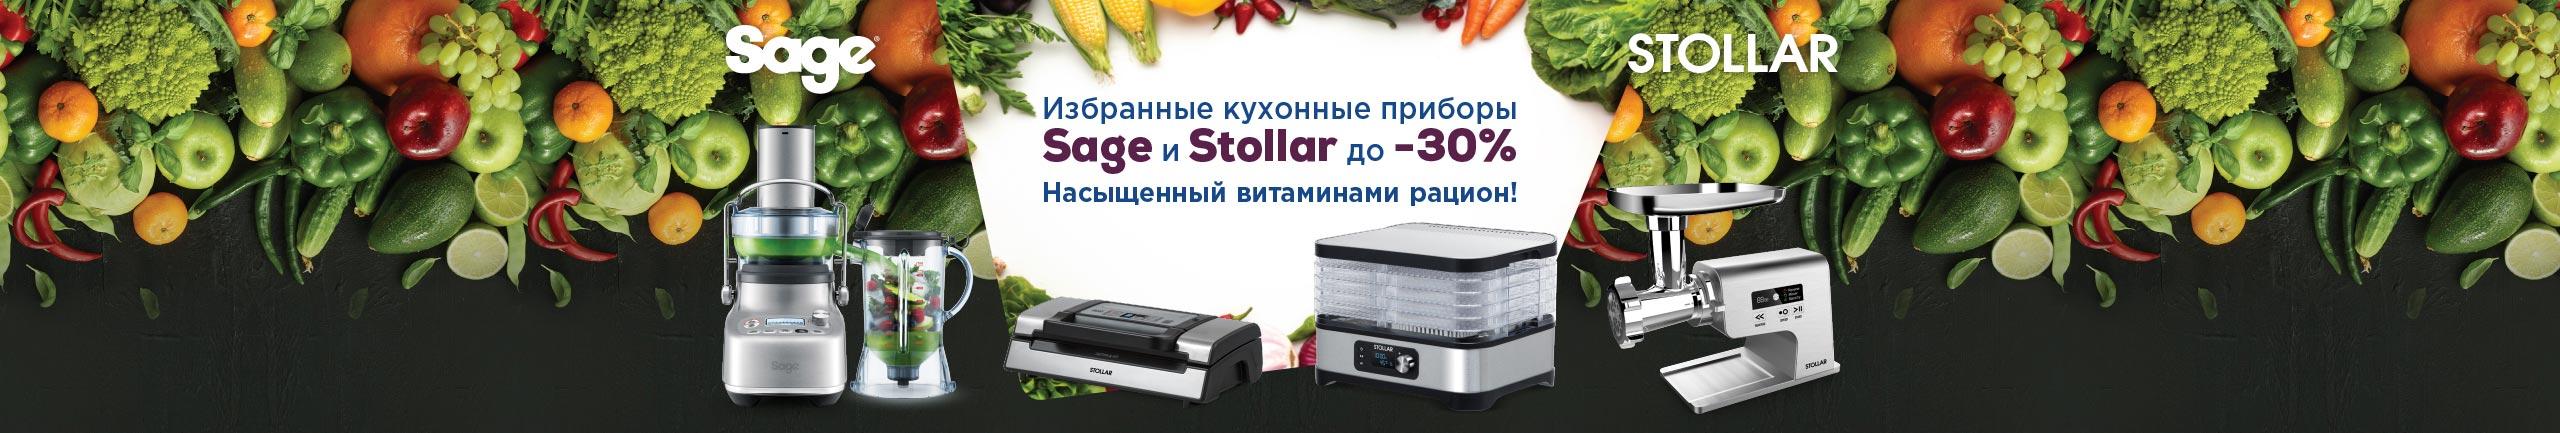 Избранные кухонные приборы Sage и Stollar до -30%